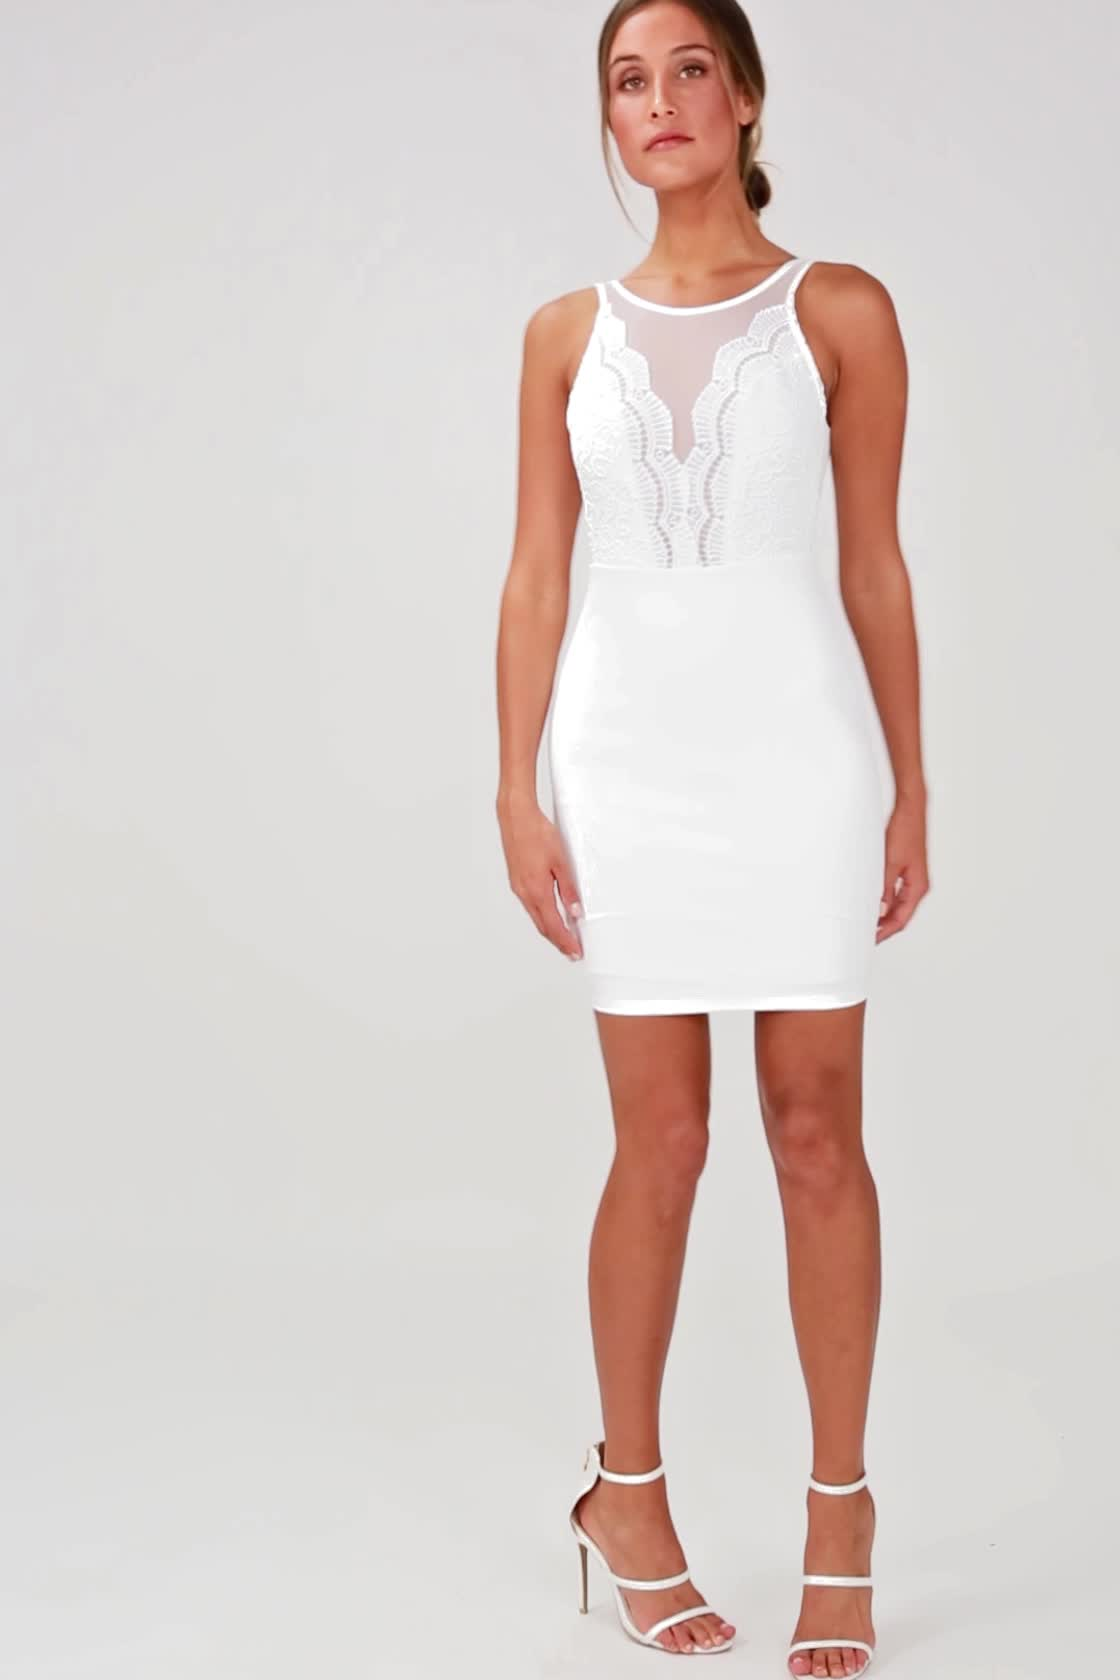 3d790a8a6 White Dress - Lace Dress - Bodycon Dress